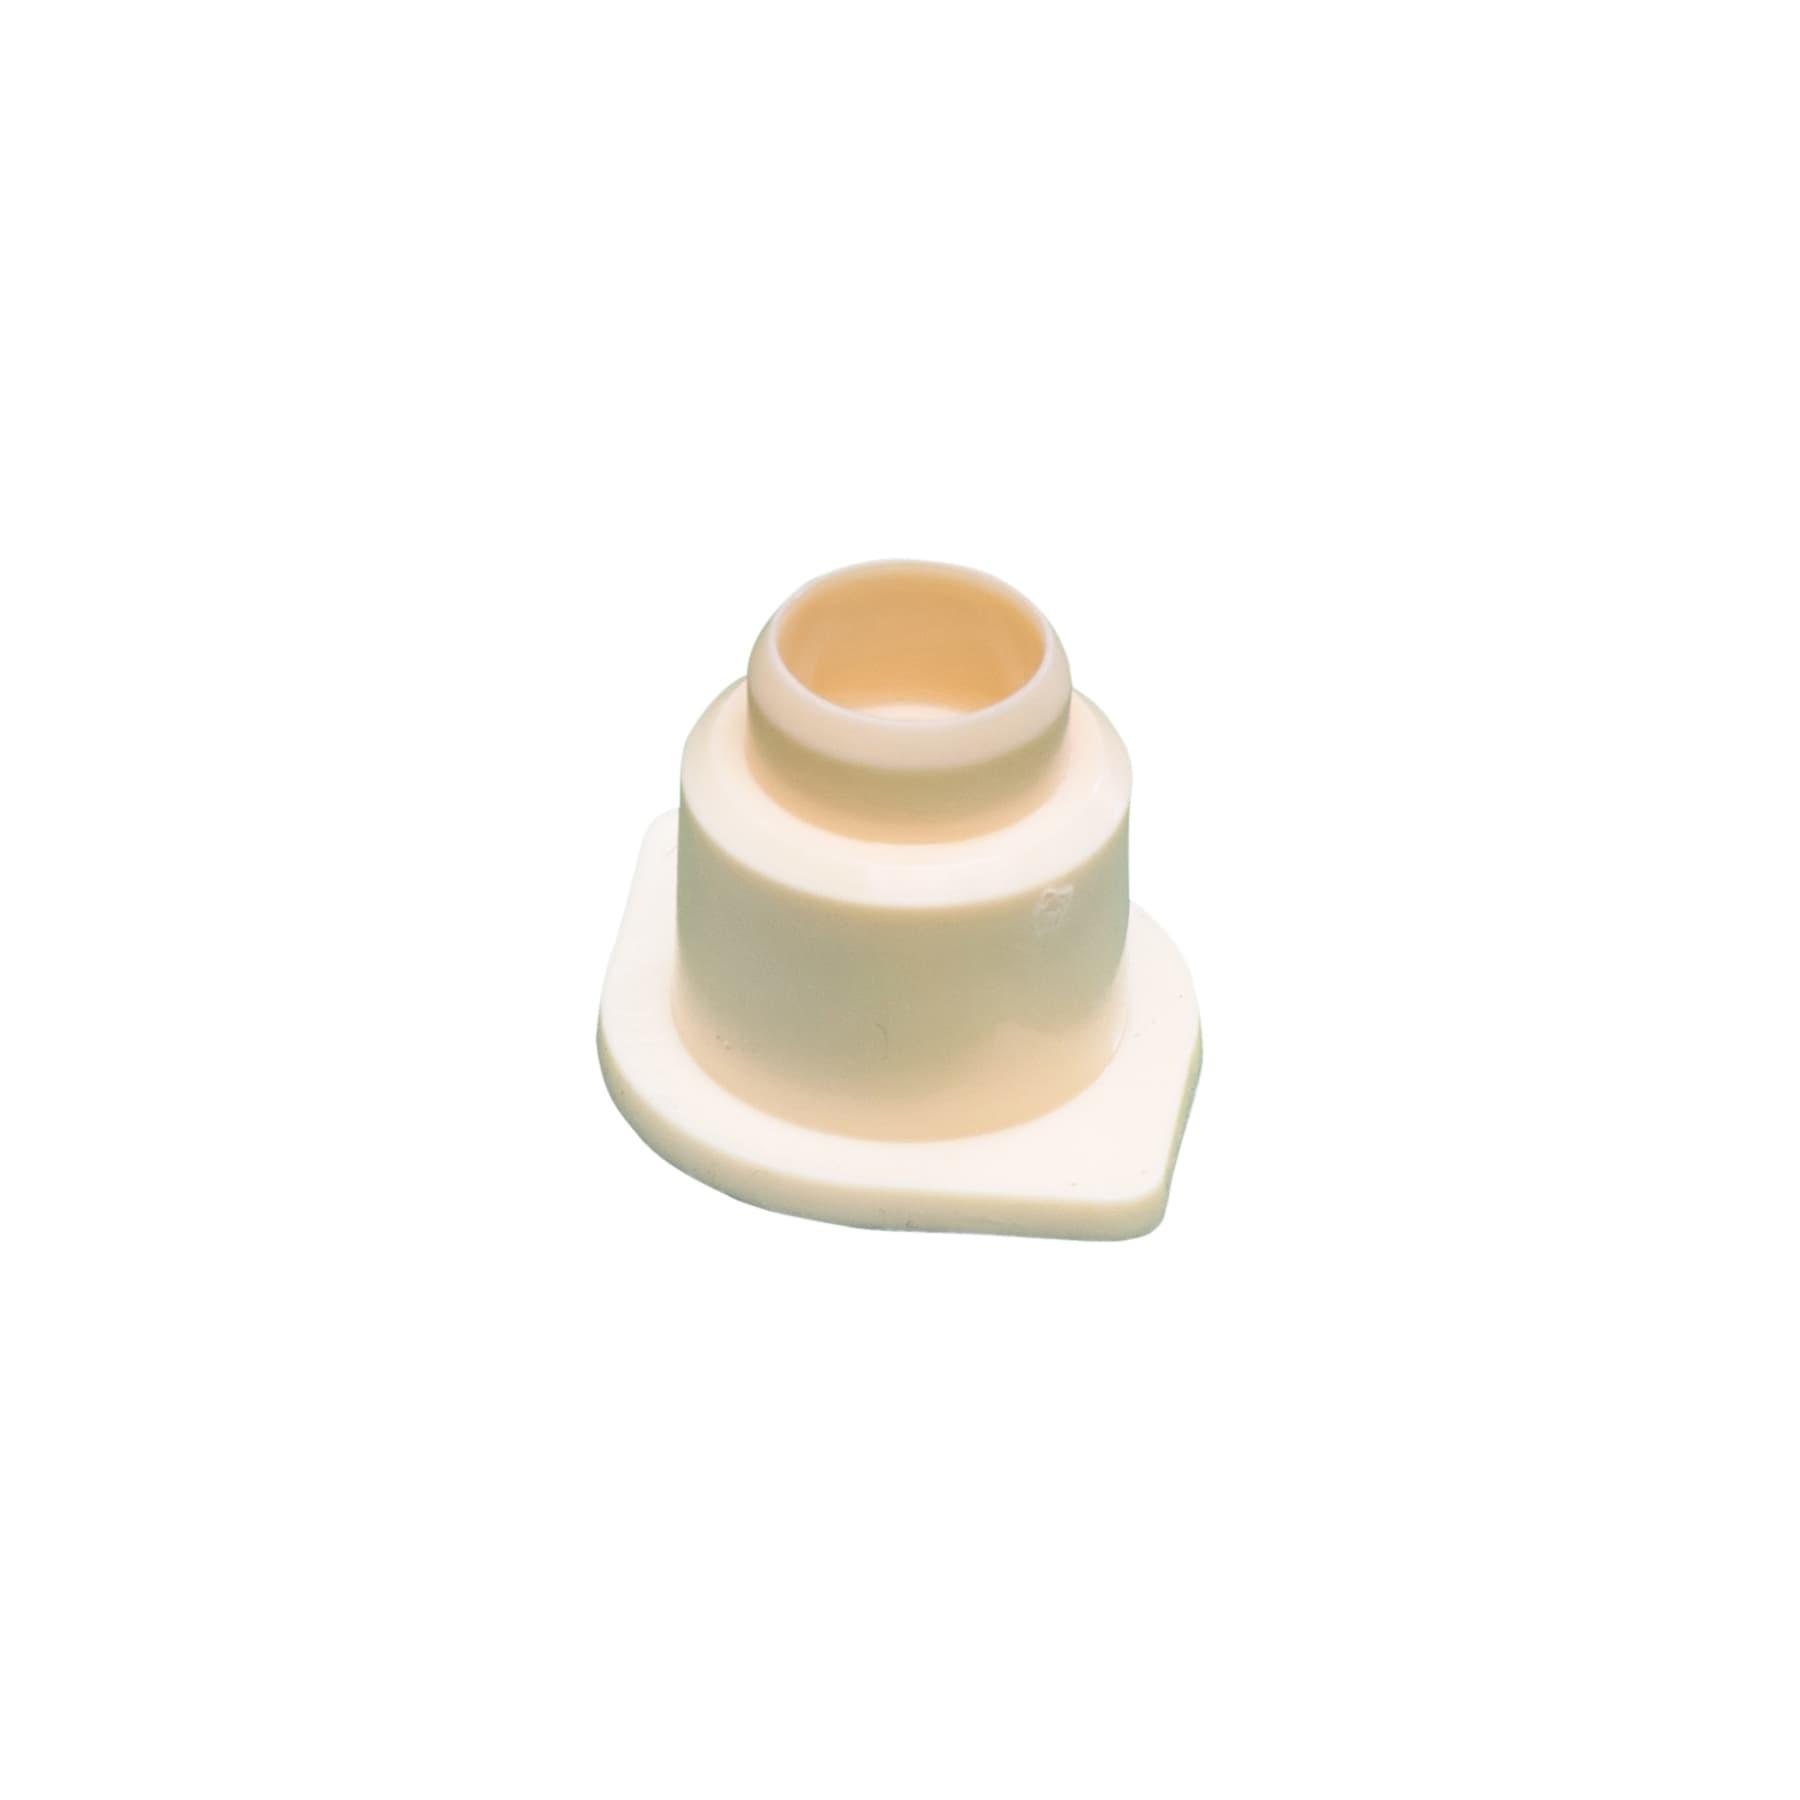 Napfhalter für Nicot Zuchtsystem